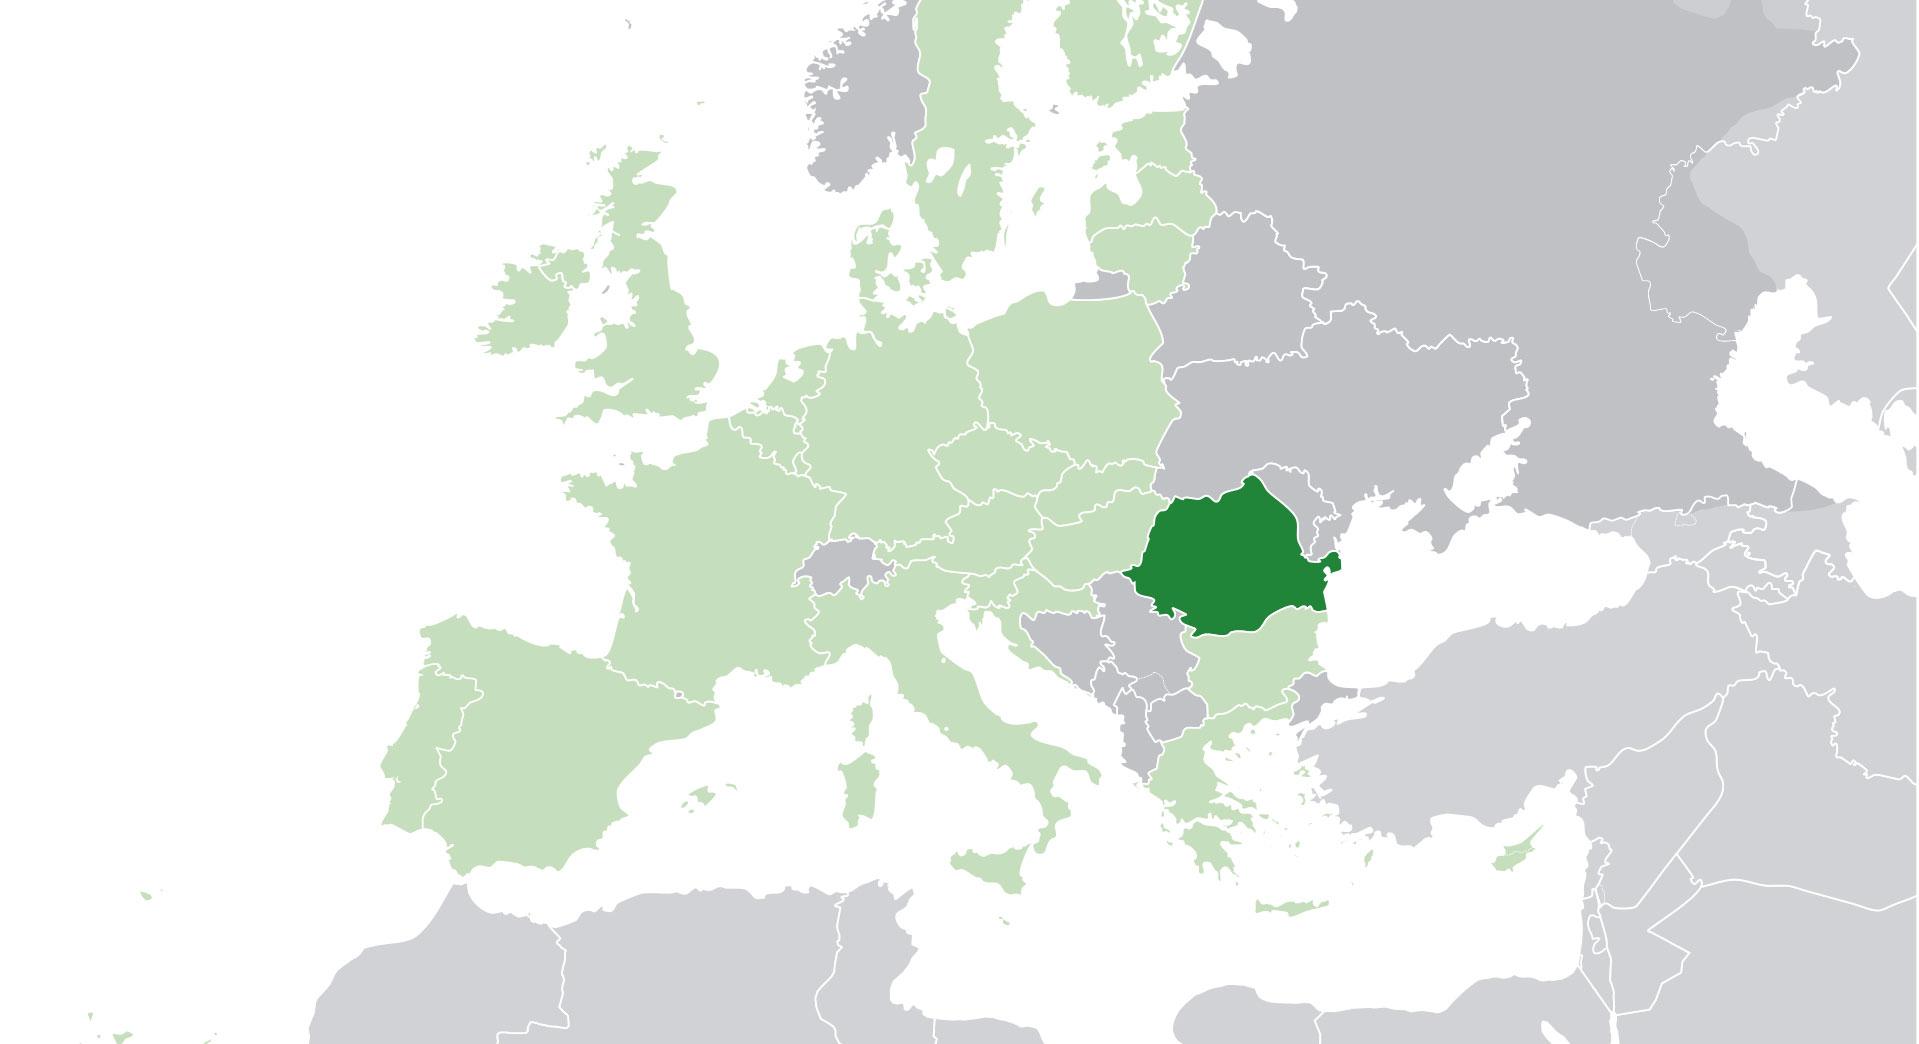 Localización geográfica de Rumanía